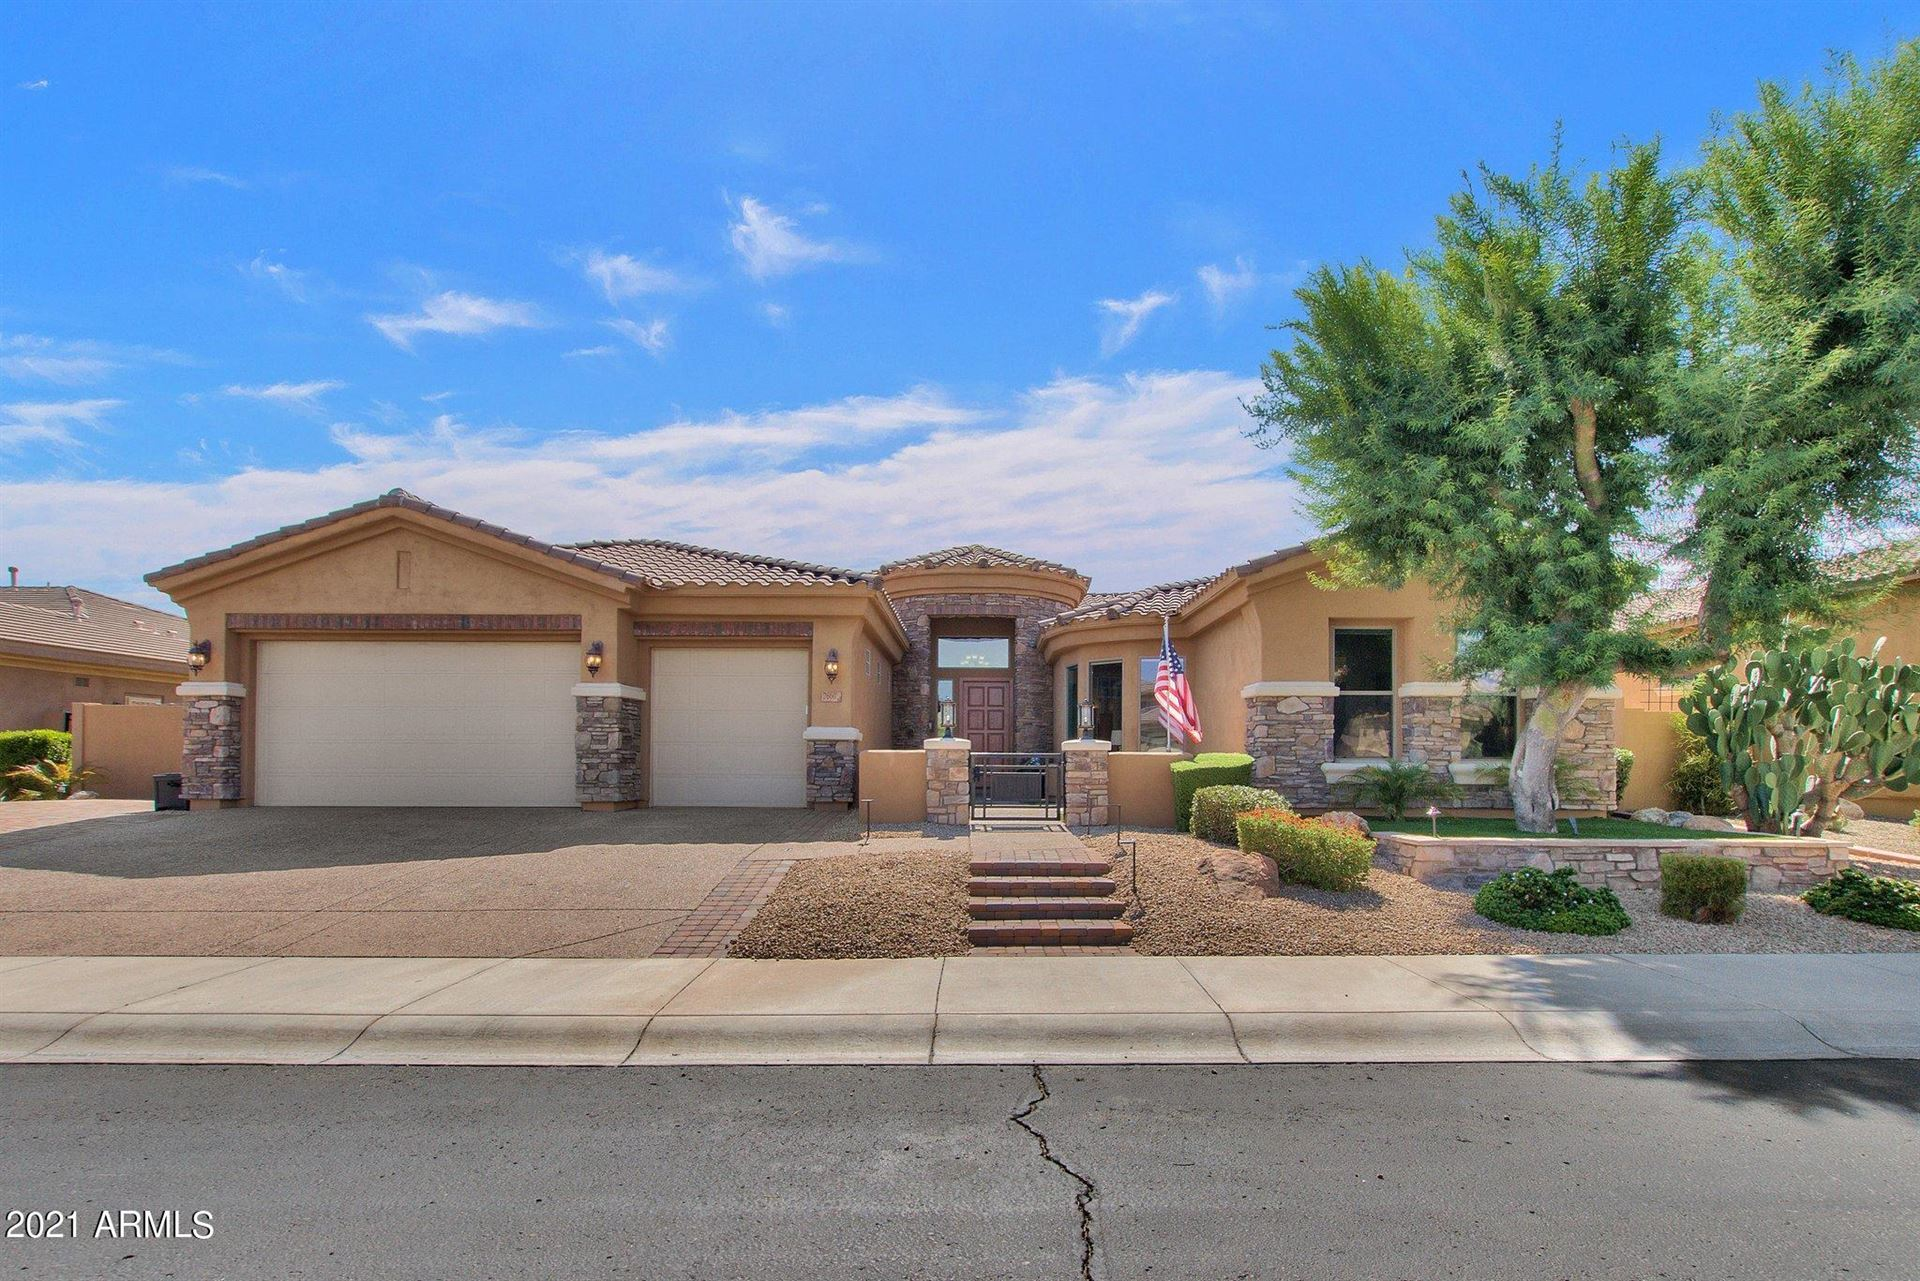 2660 N 141ST Lane, Goodyear, AZ 85395 - MLS#: 6272439